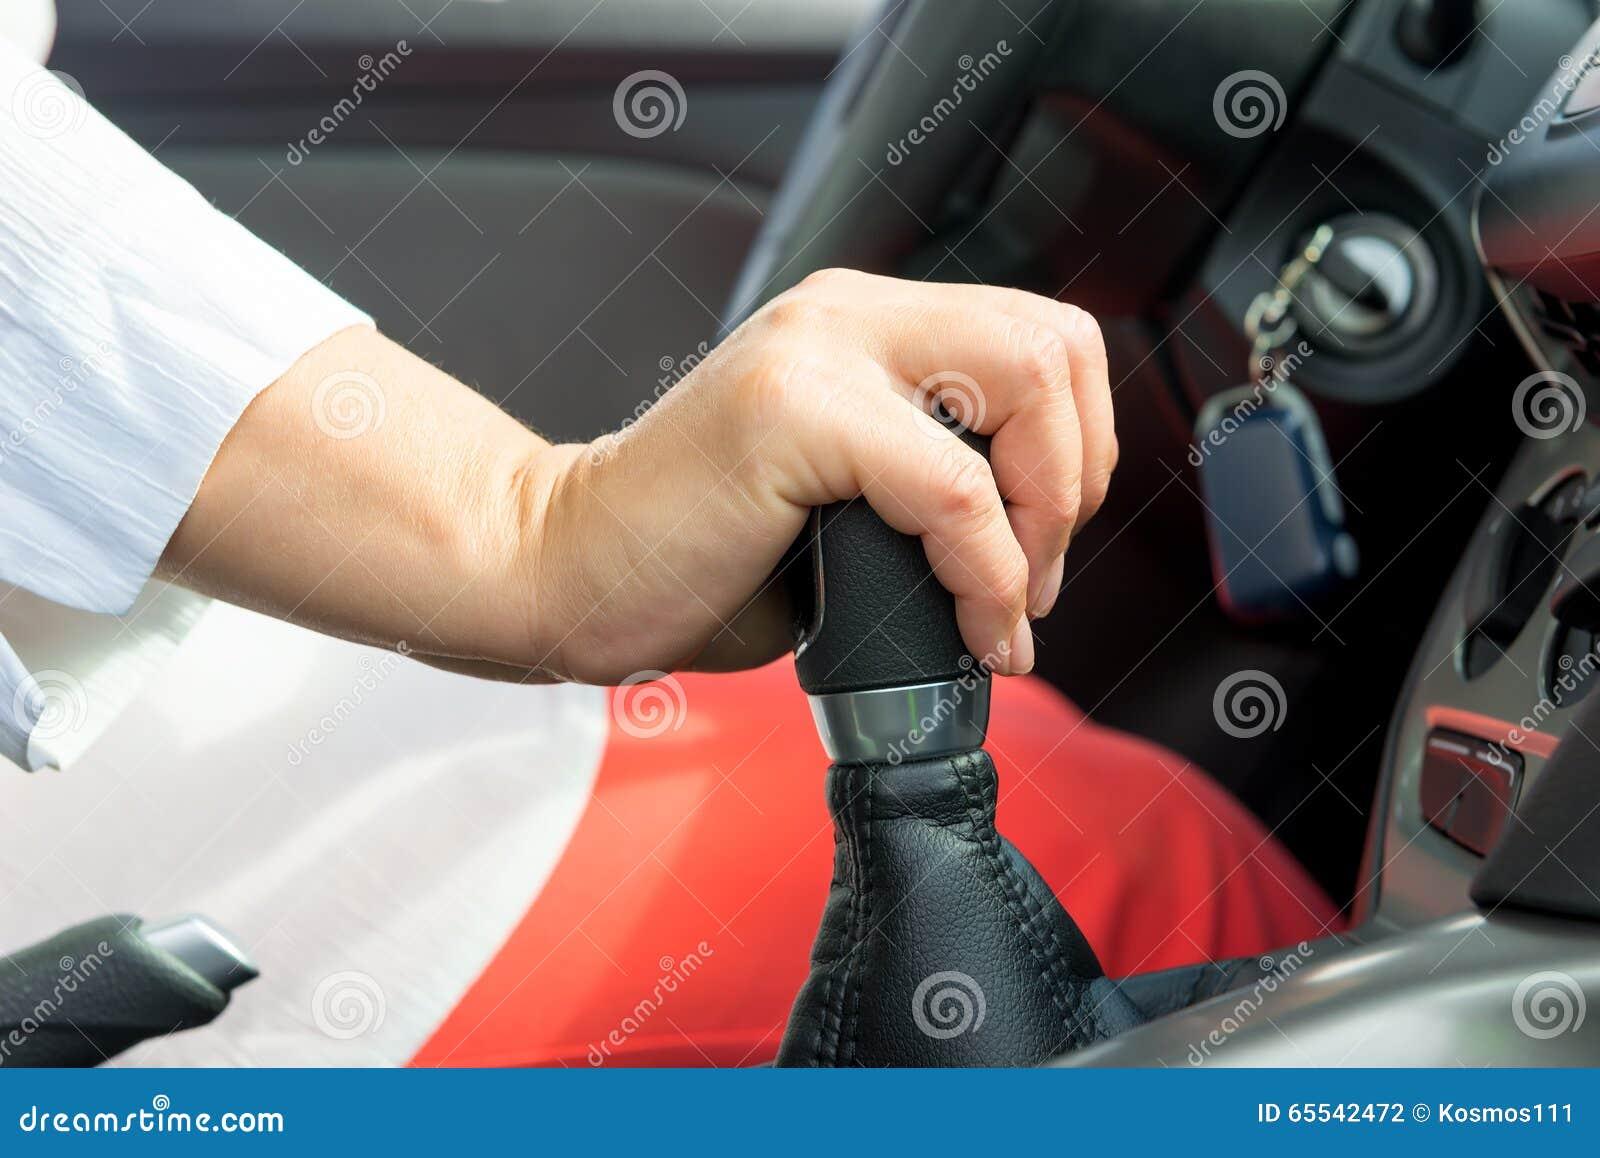 La mano de la mujer sosteniendo la palanca del cambio en un coche